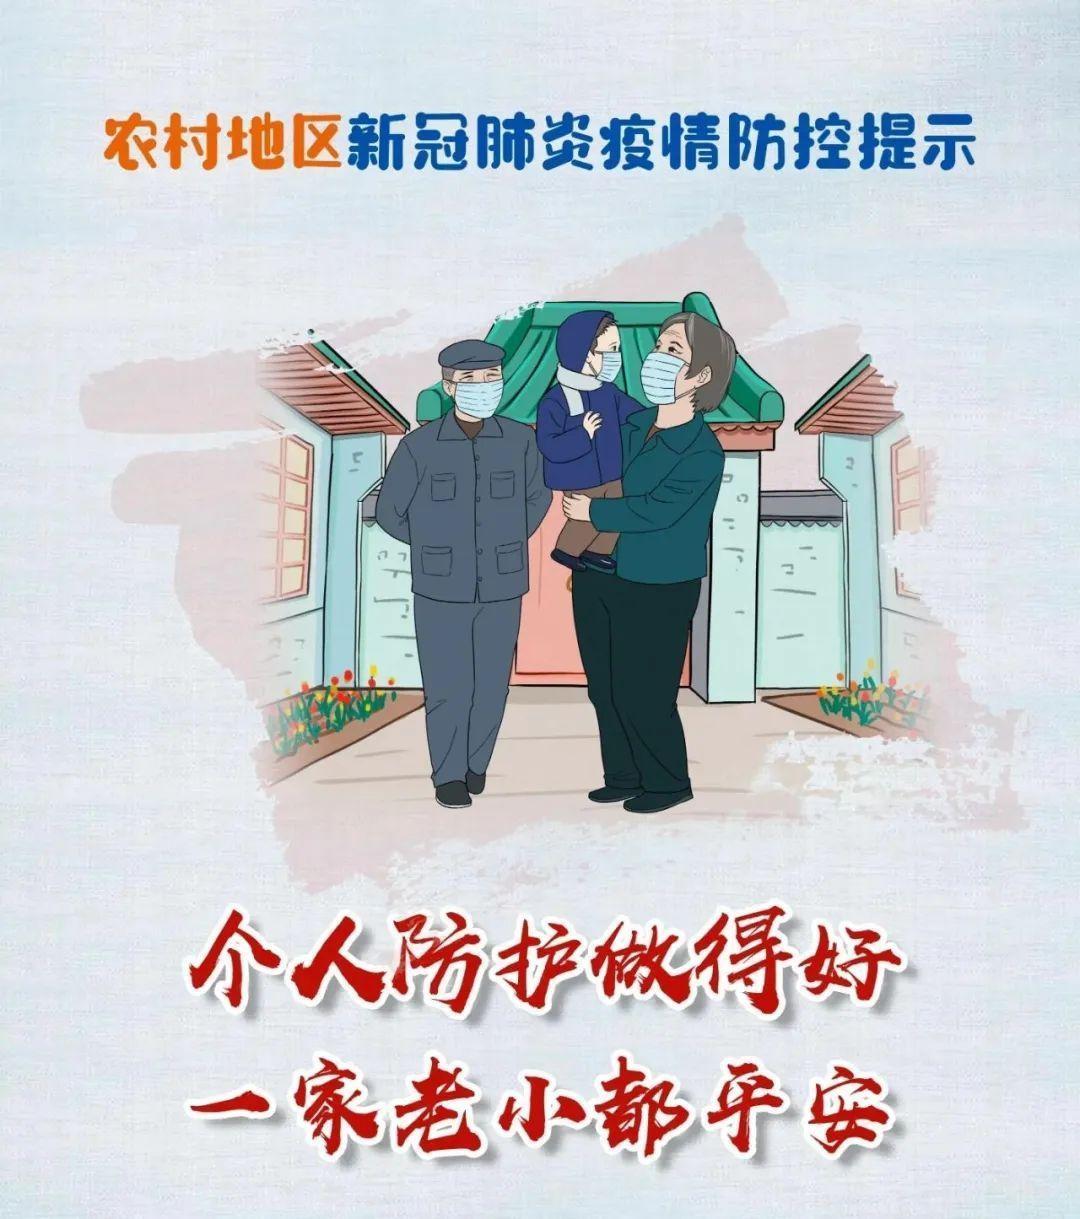 注意!农村地区新冠肺炎疫情防控这些提示你需要知道...